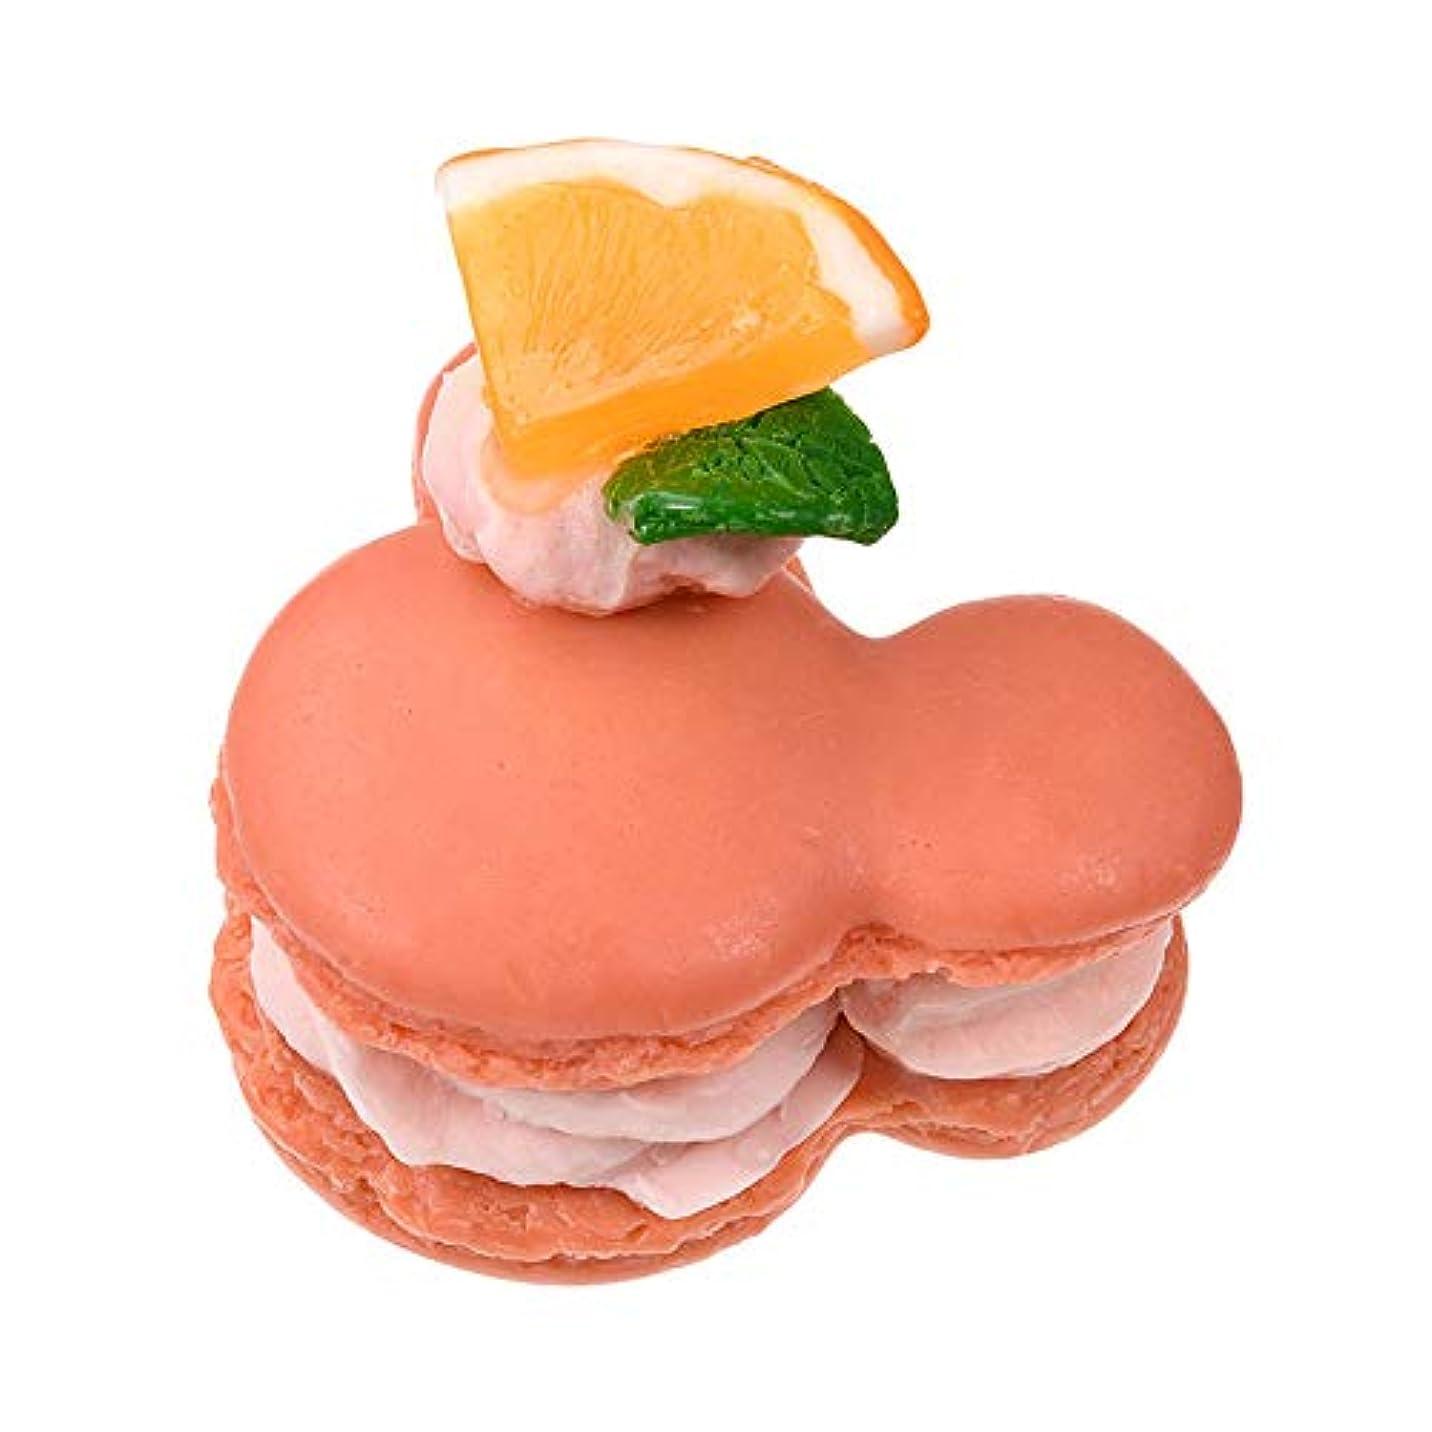 従う整理するええディズニーストア(公式)【liilii(リィリィ)(R)】マカロンソ-プ ミッキー オレンジ